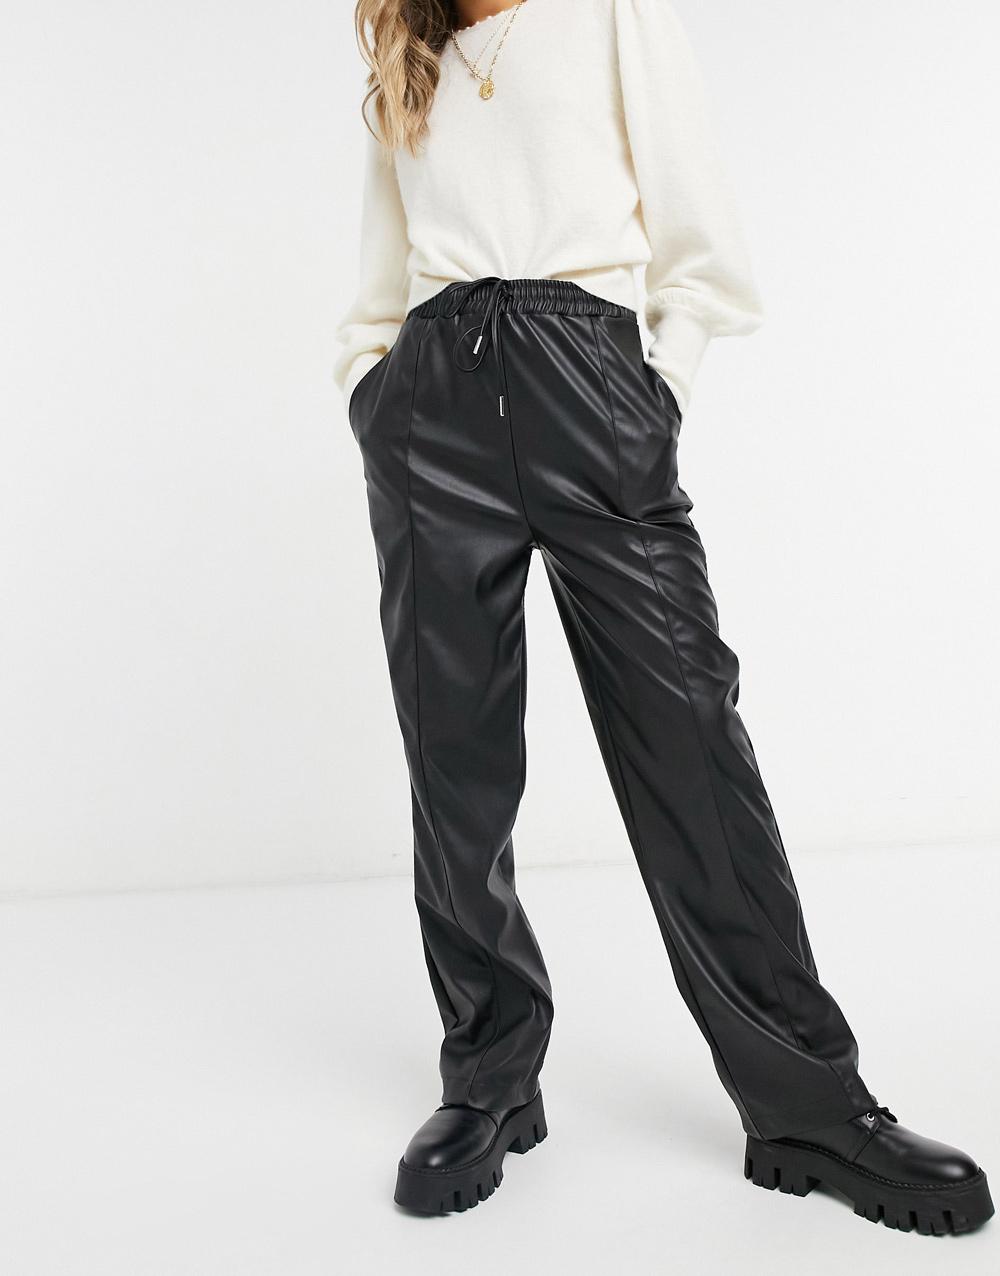 ASOS Design kožne hlače jogger model 2021.